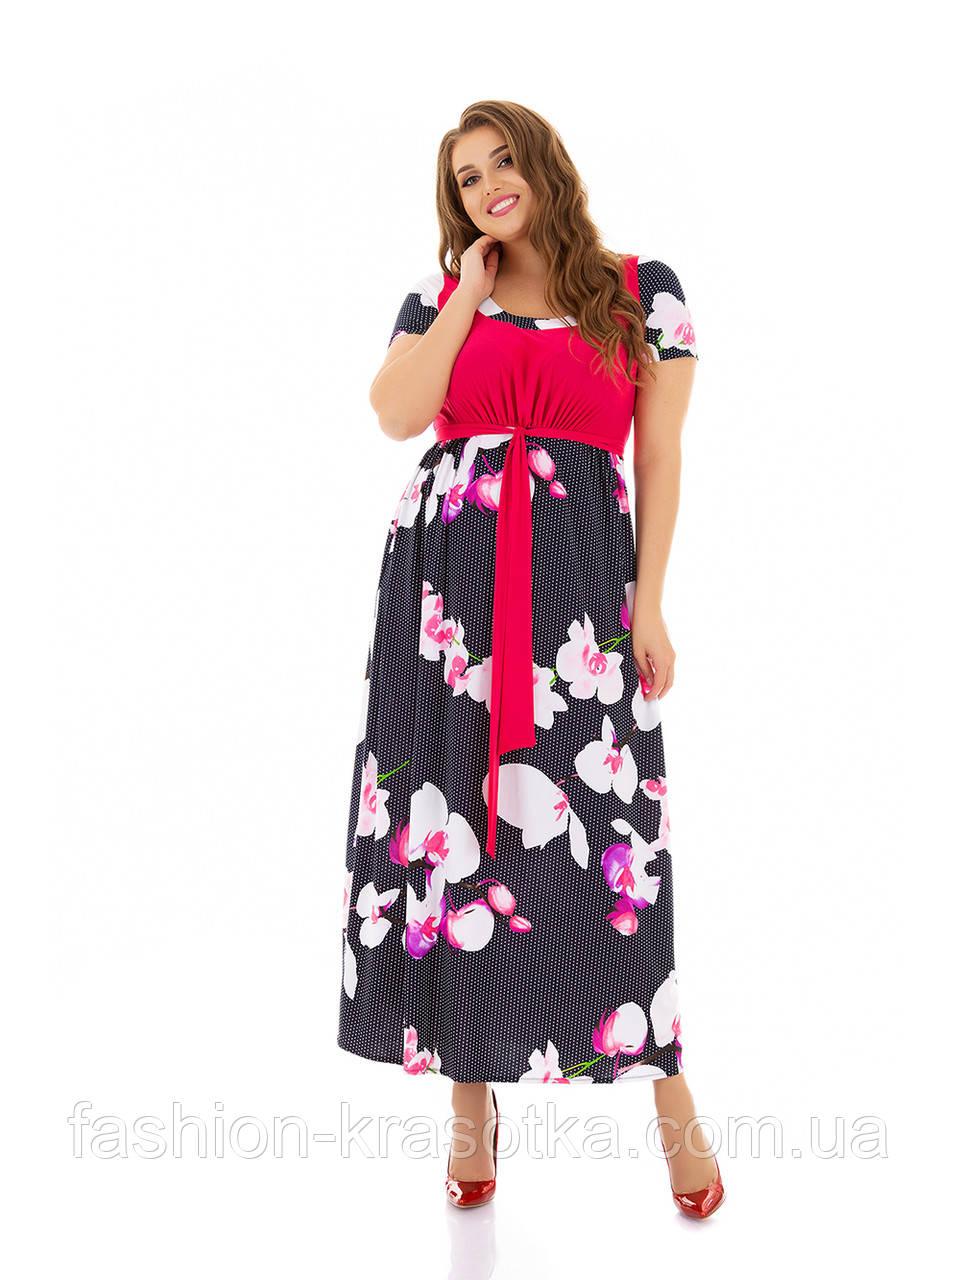 Нарядное платье в пол  больших размеров